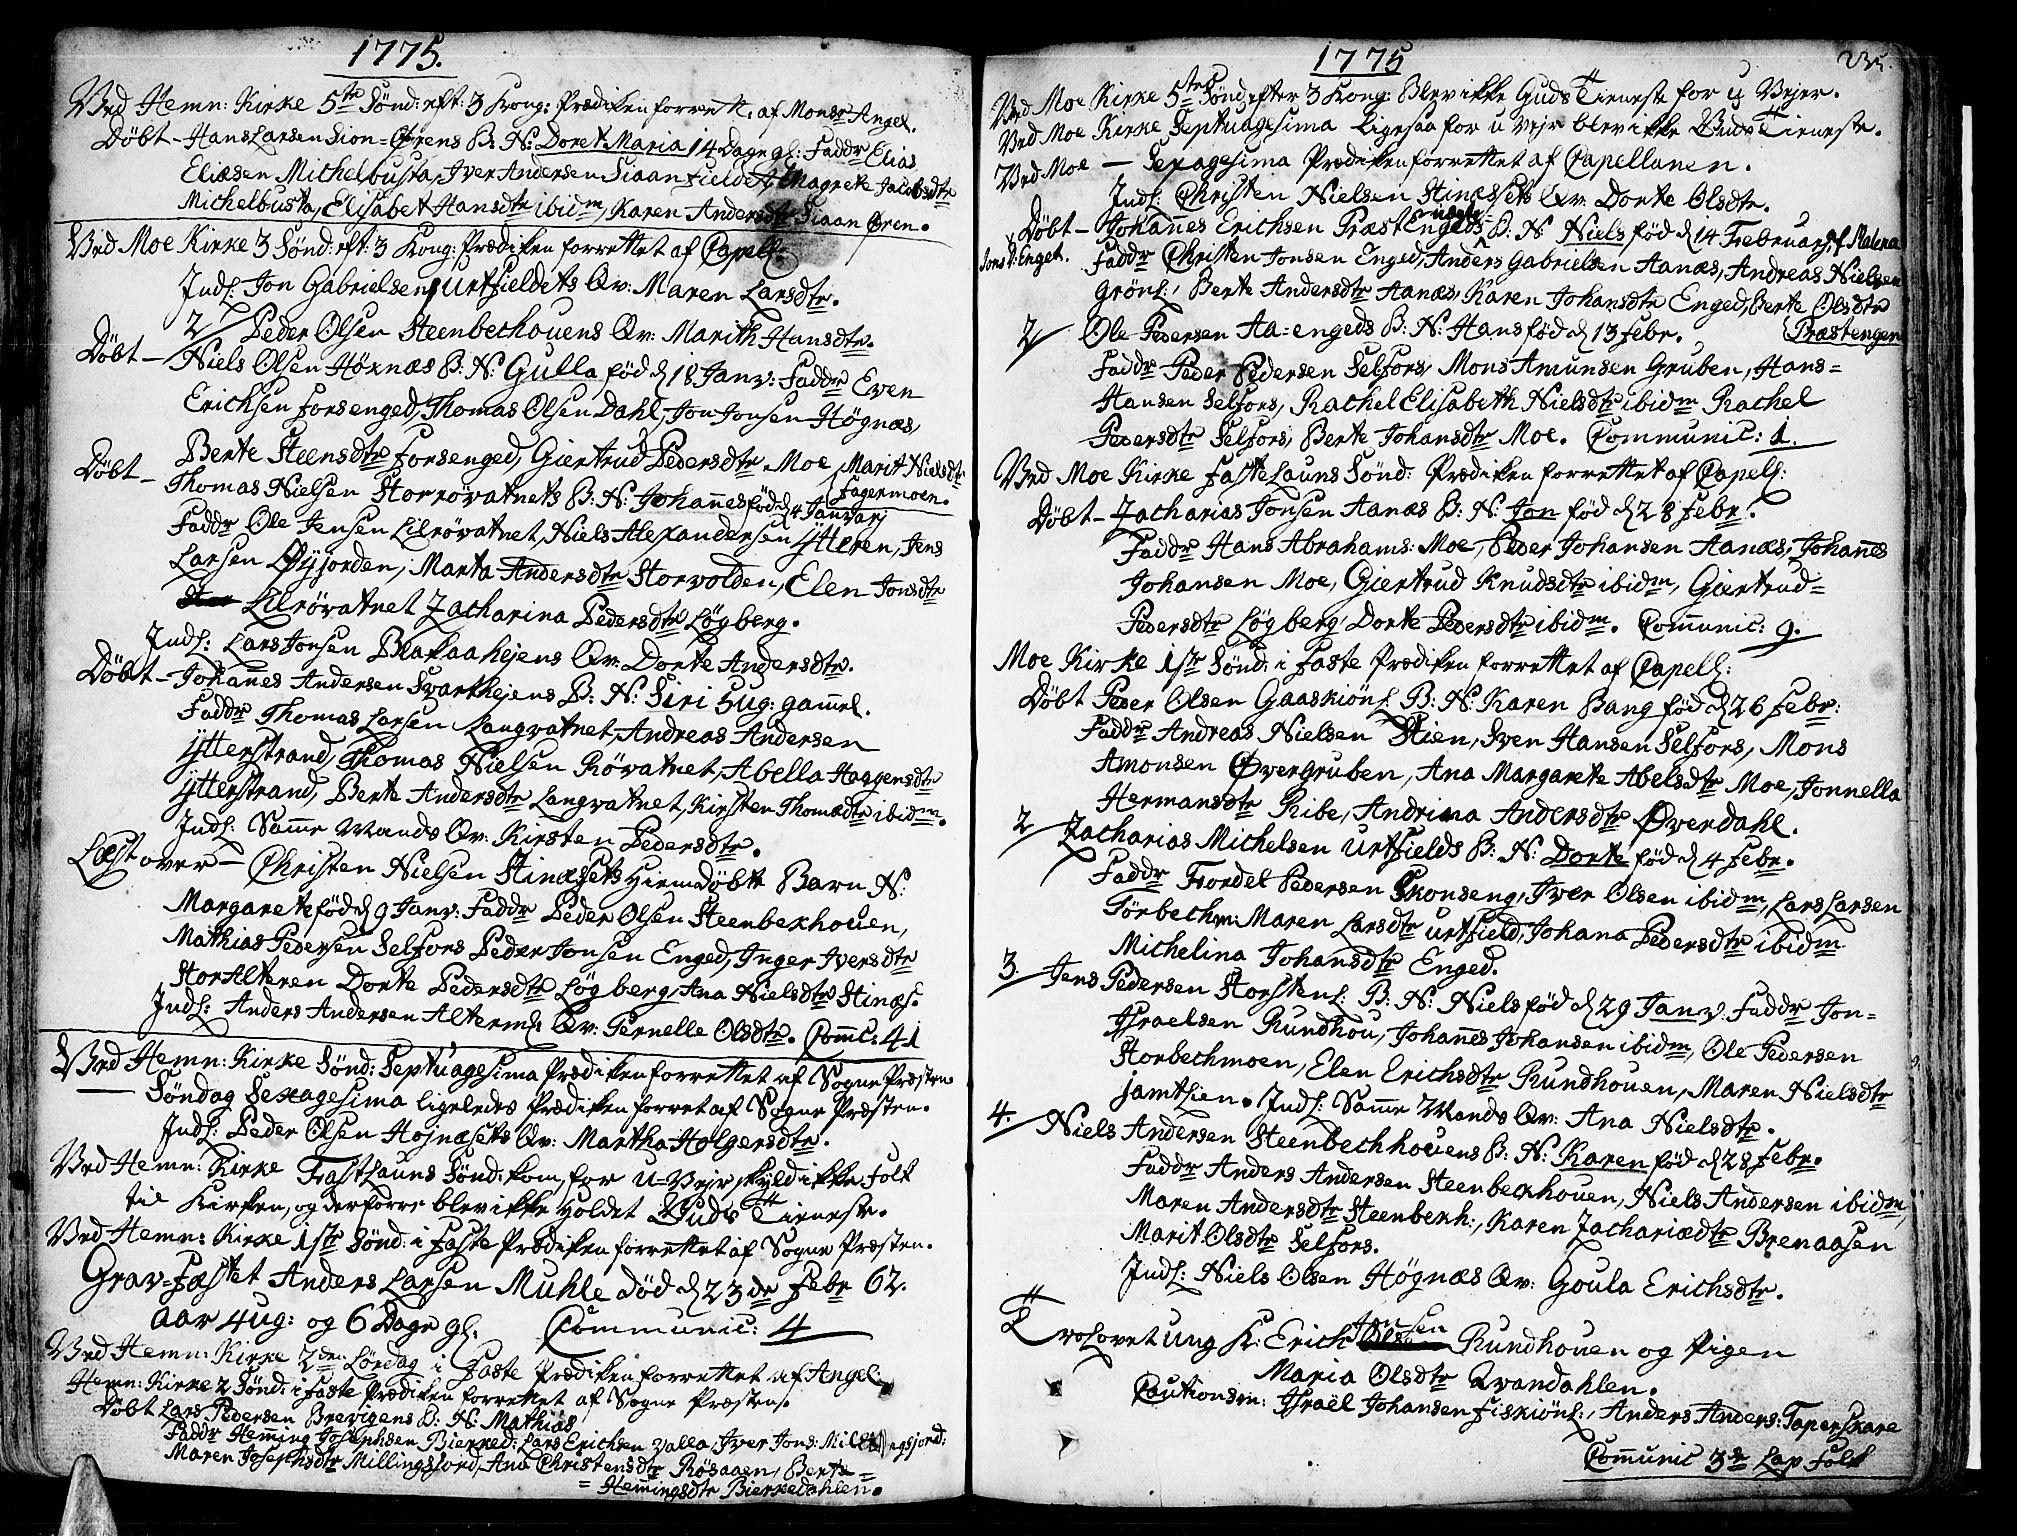 SAT, Ministerialprotokoller, klokkerbøker og fødselsregistre - Nordland, 825/L0348: Parish register (official) no. 825A04, 1752-1788, p. 235